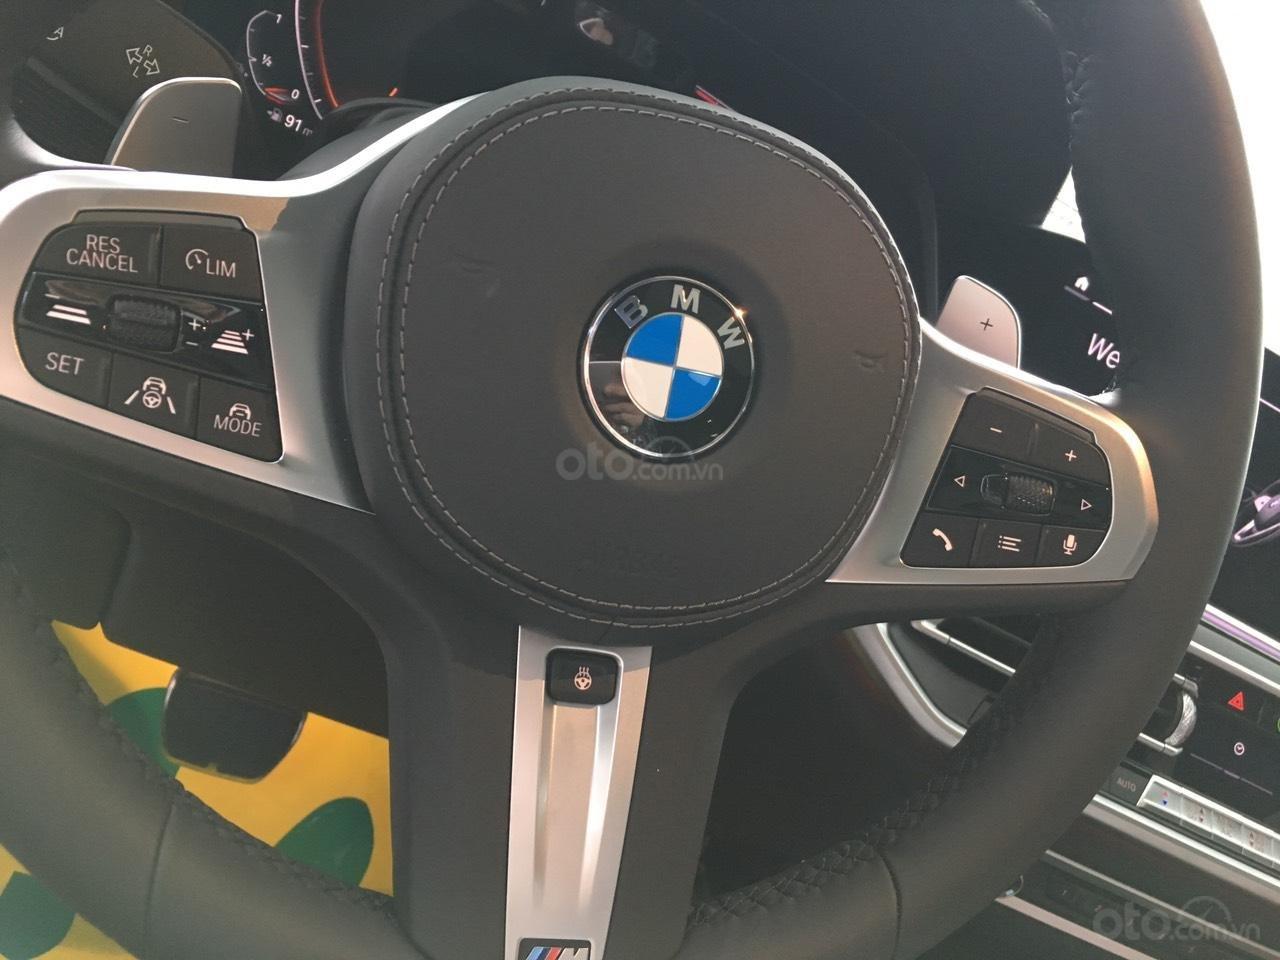 Bán BMW X7 xDrive 40i đời 2020, nhập Mỹ, giao ngay toàn quốc, giá tốt, LH 0945.39.2468 Ms Hương (5)